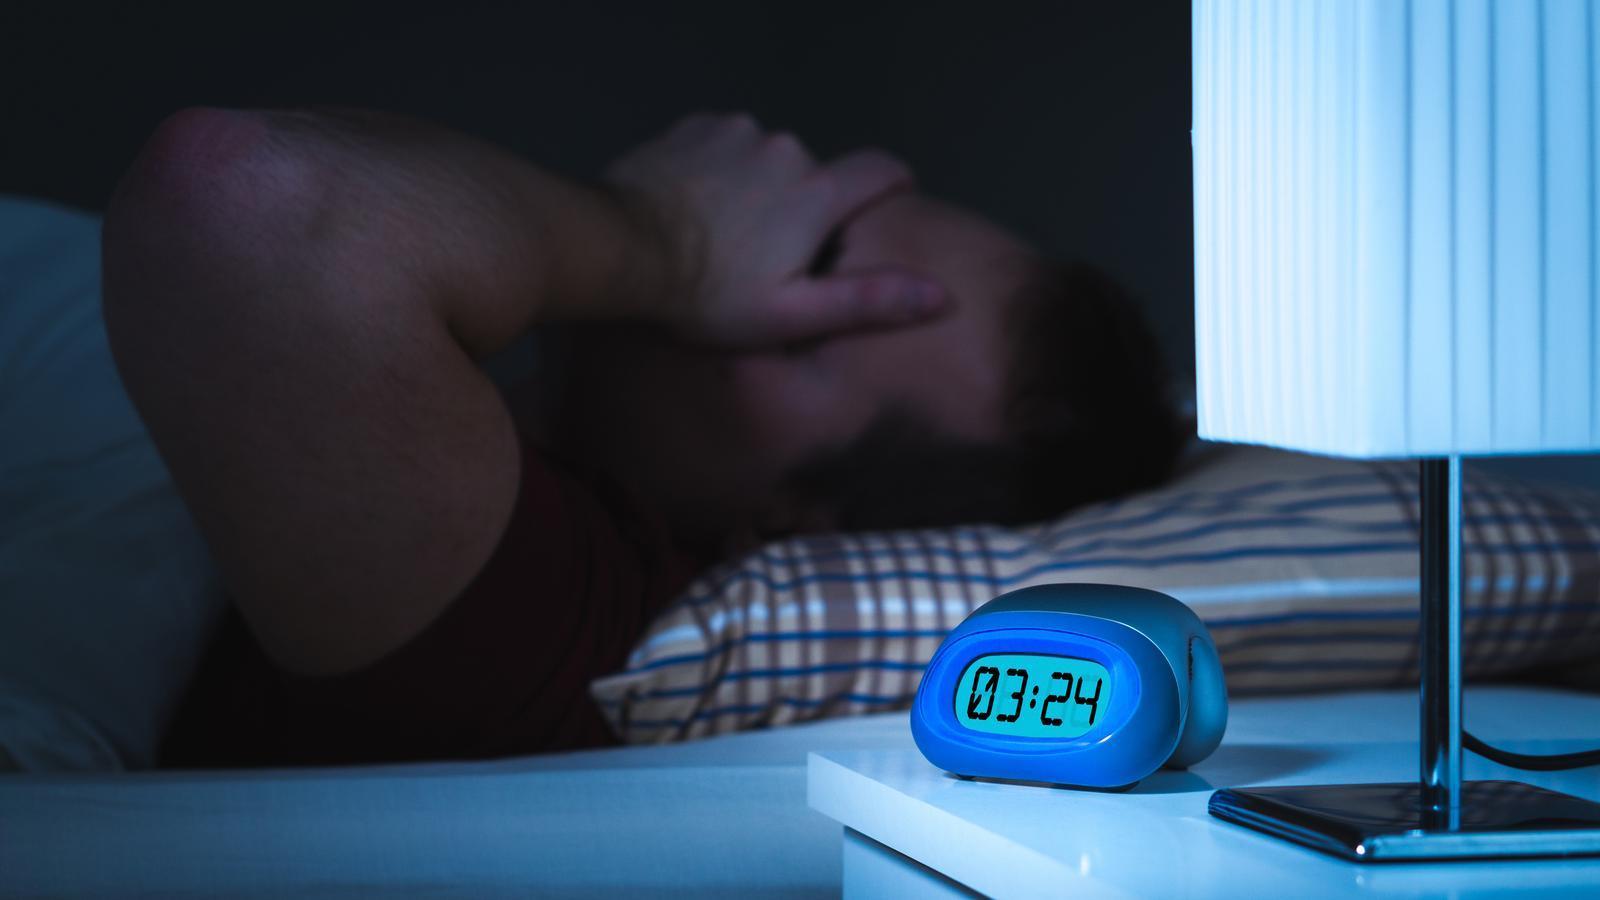 Més rutines i exercici i menys pantalles, consells per dormir bé